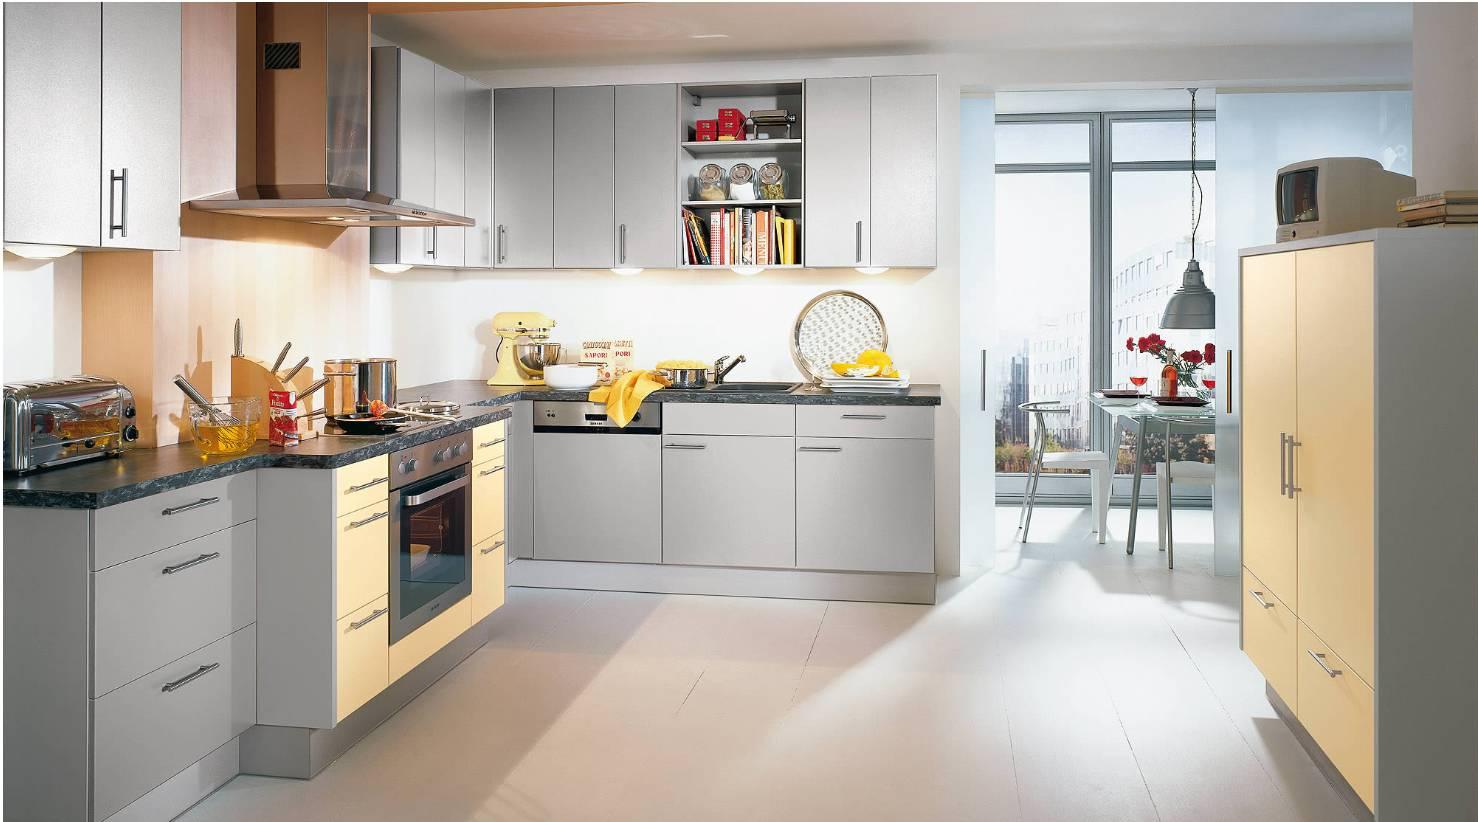 Как оформить интерьер кухни в бежевых тонах: советы и актуальные сочетания